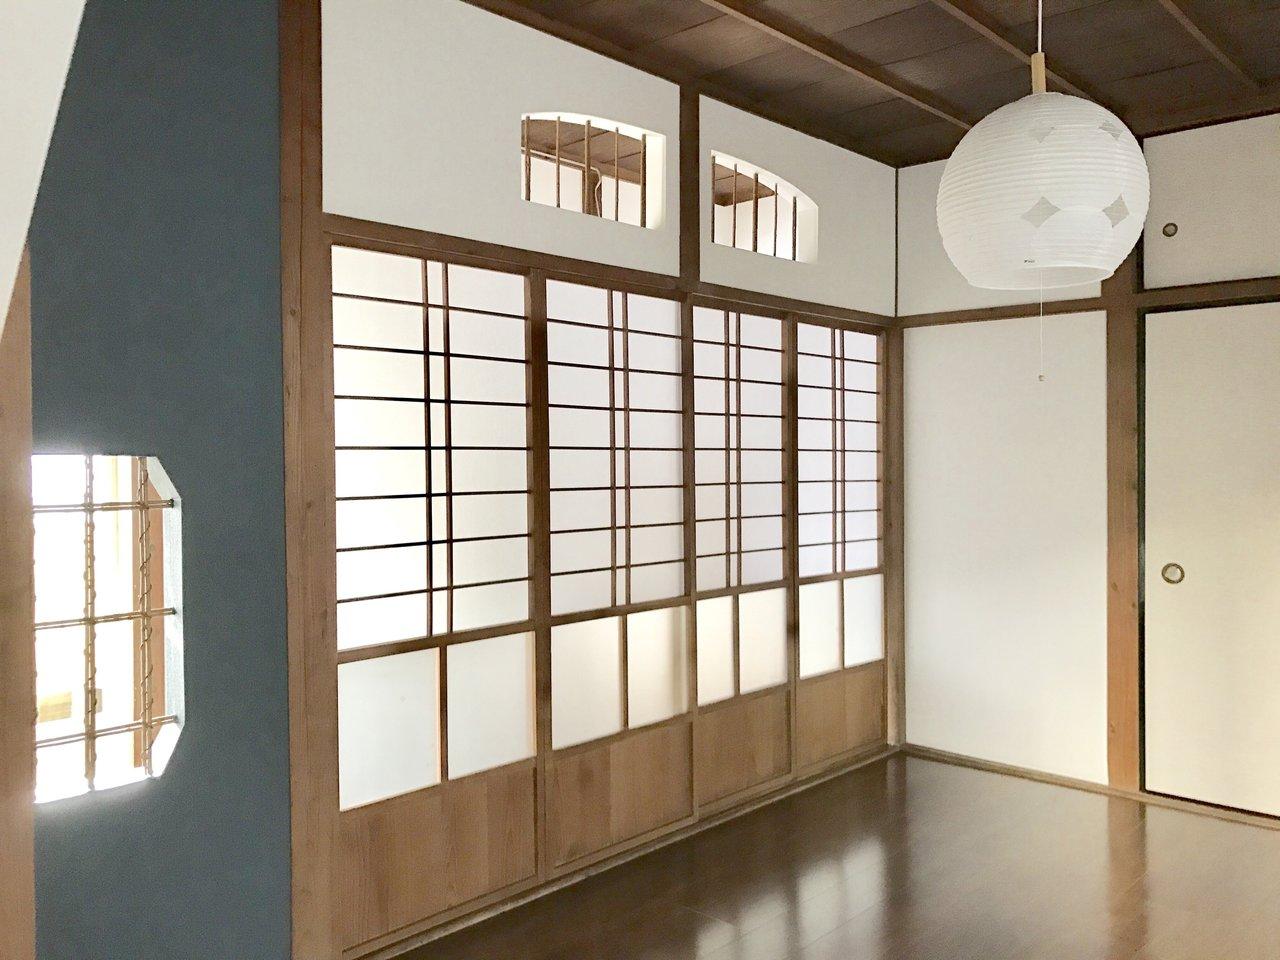 2階建てのお部屋がいくつか連なる長屋のような木造アパートです。ほっこり和の雰囲気が嬉しい。